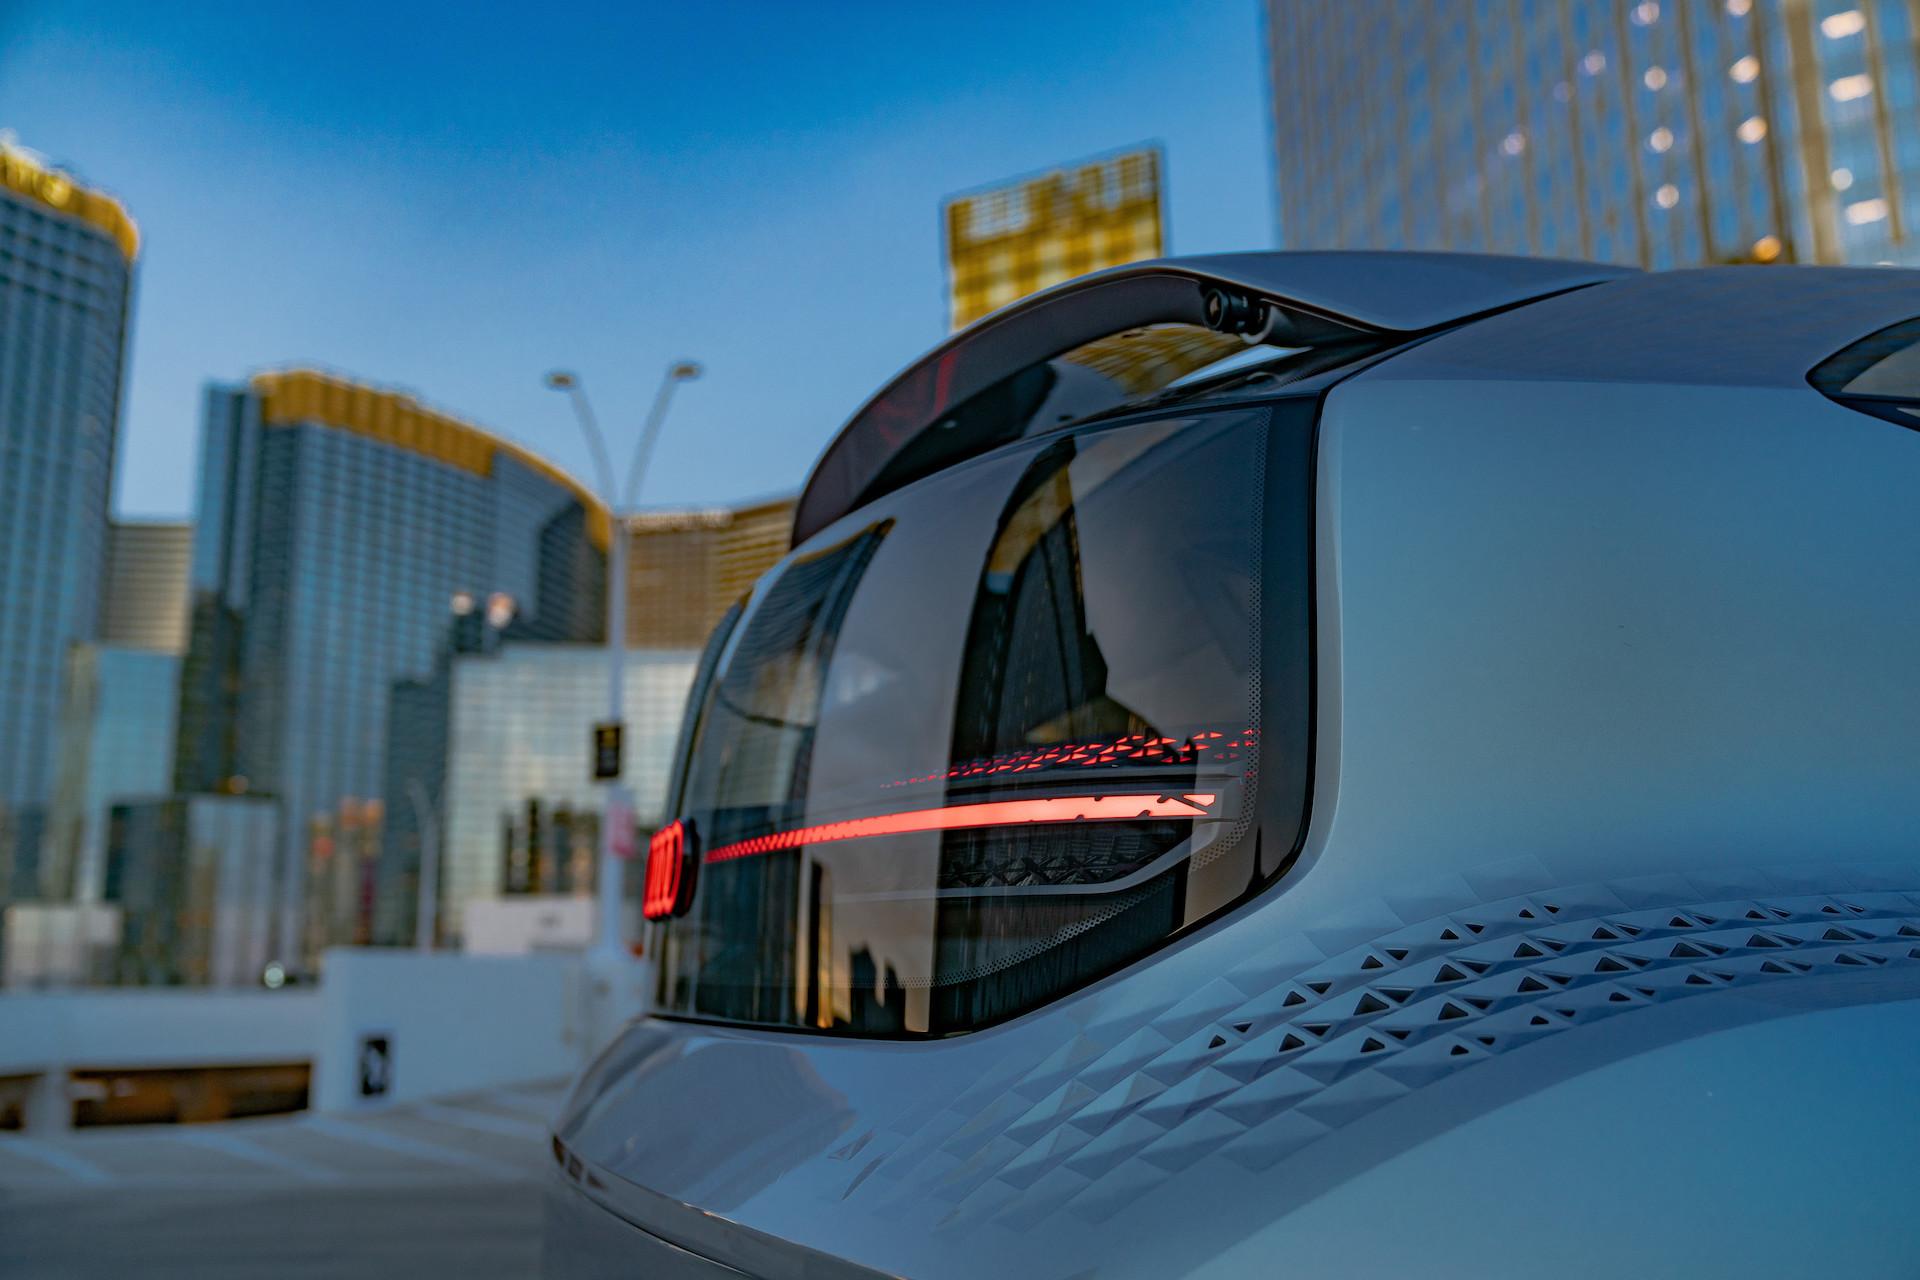 Audi auf der CES 2020: Die Neuheiten und Zukunftskonzepte in Las Vegas 6